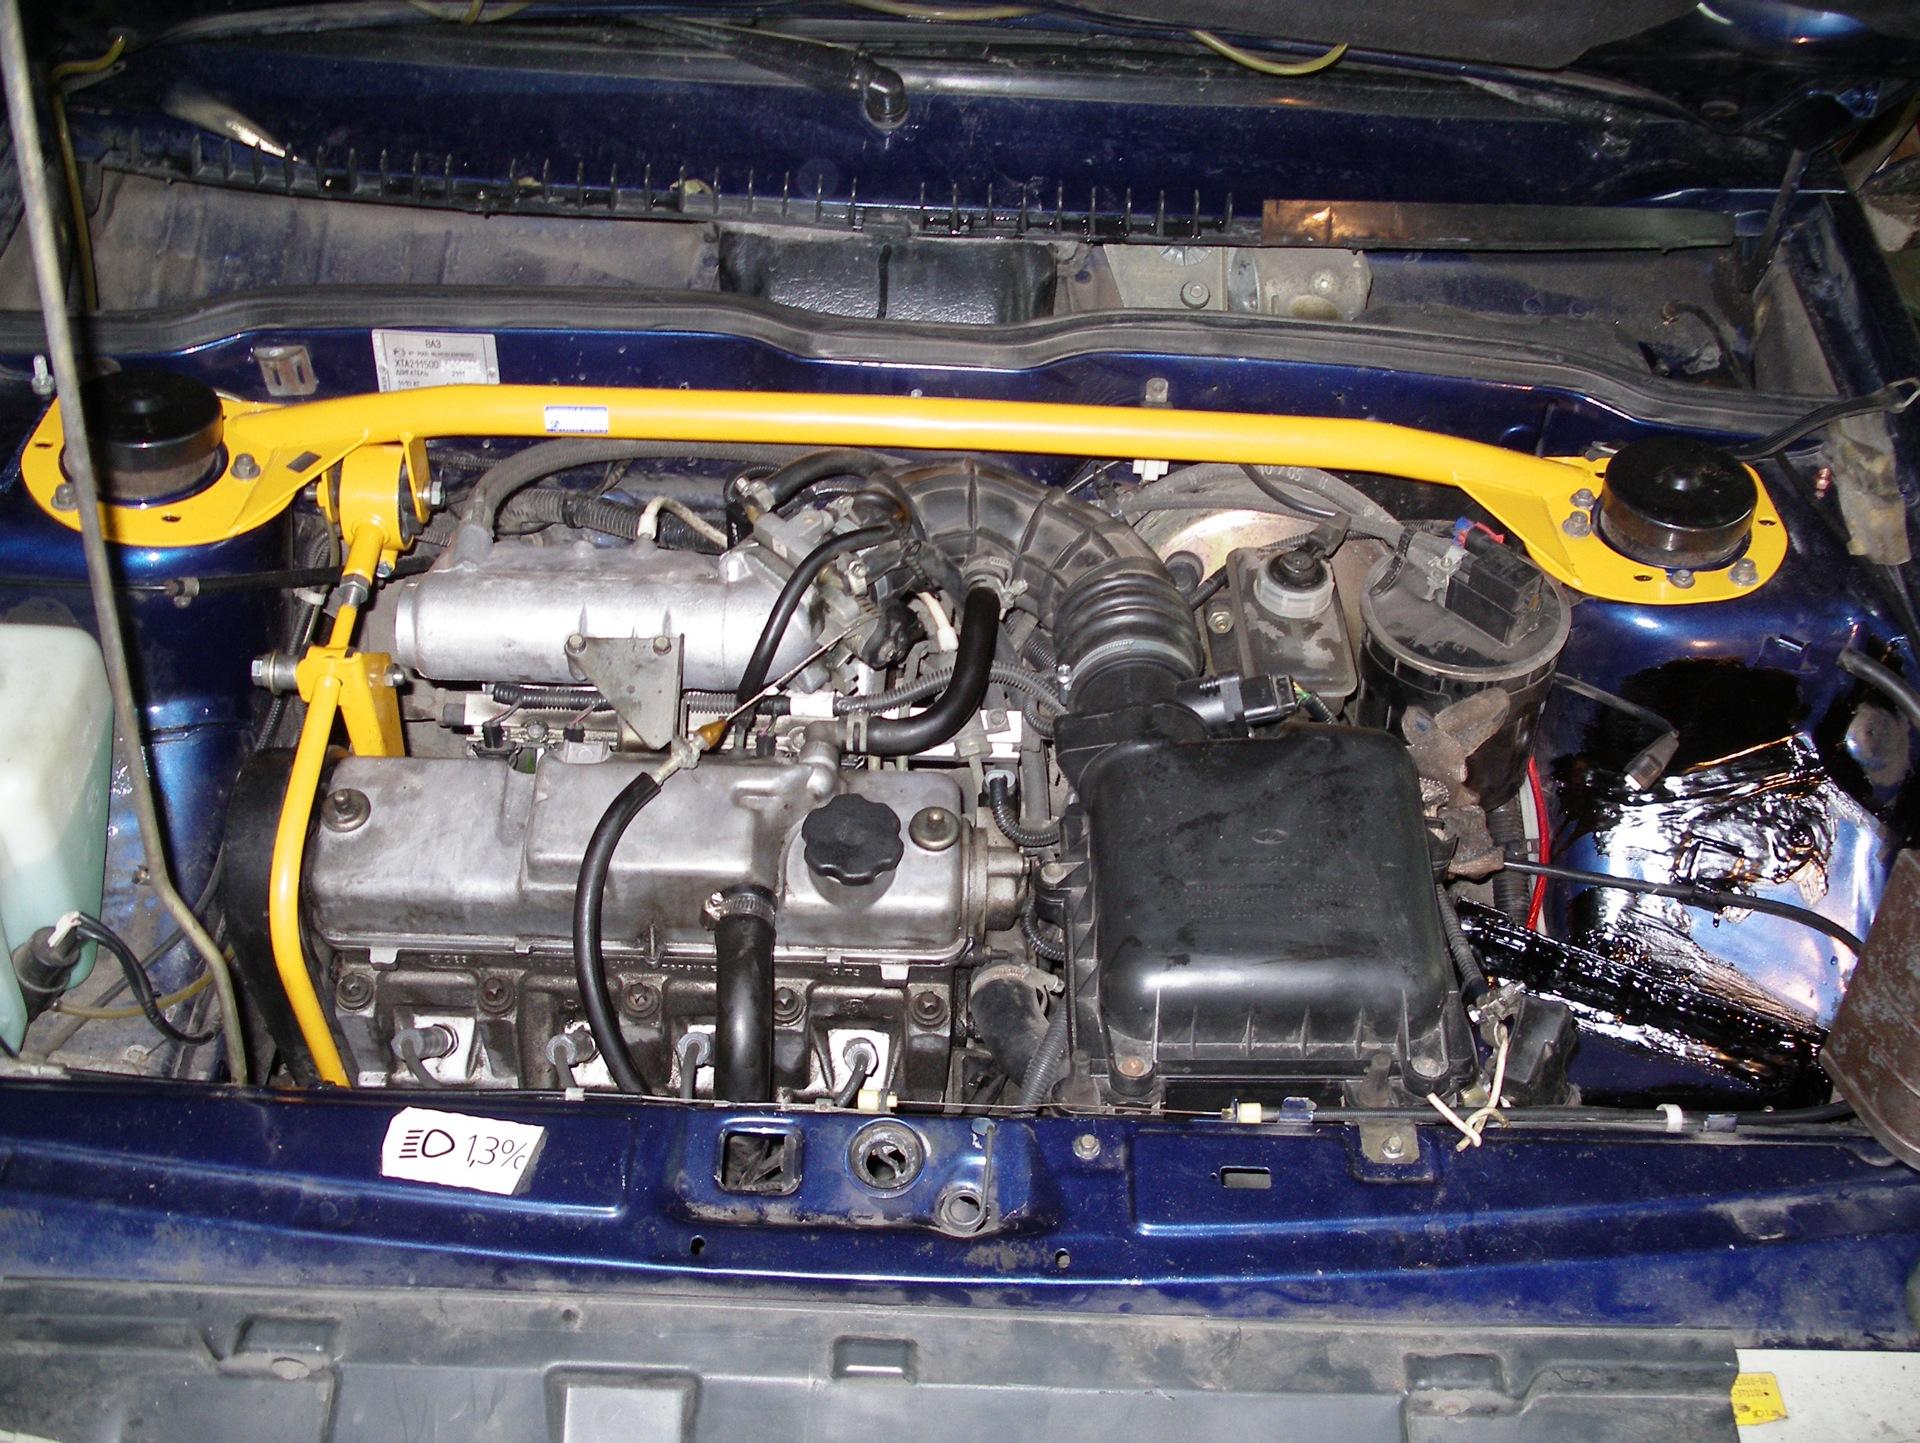 При заводке двигателя стартер хватал потом трещал как трещотка и машина заводилась со скрежемрешил не тянуть и